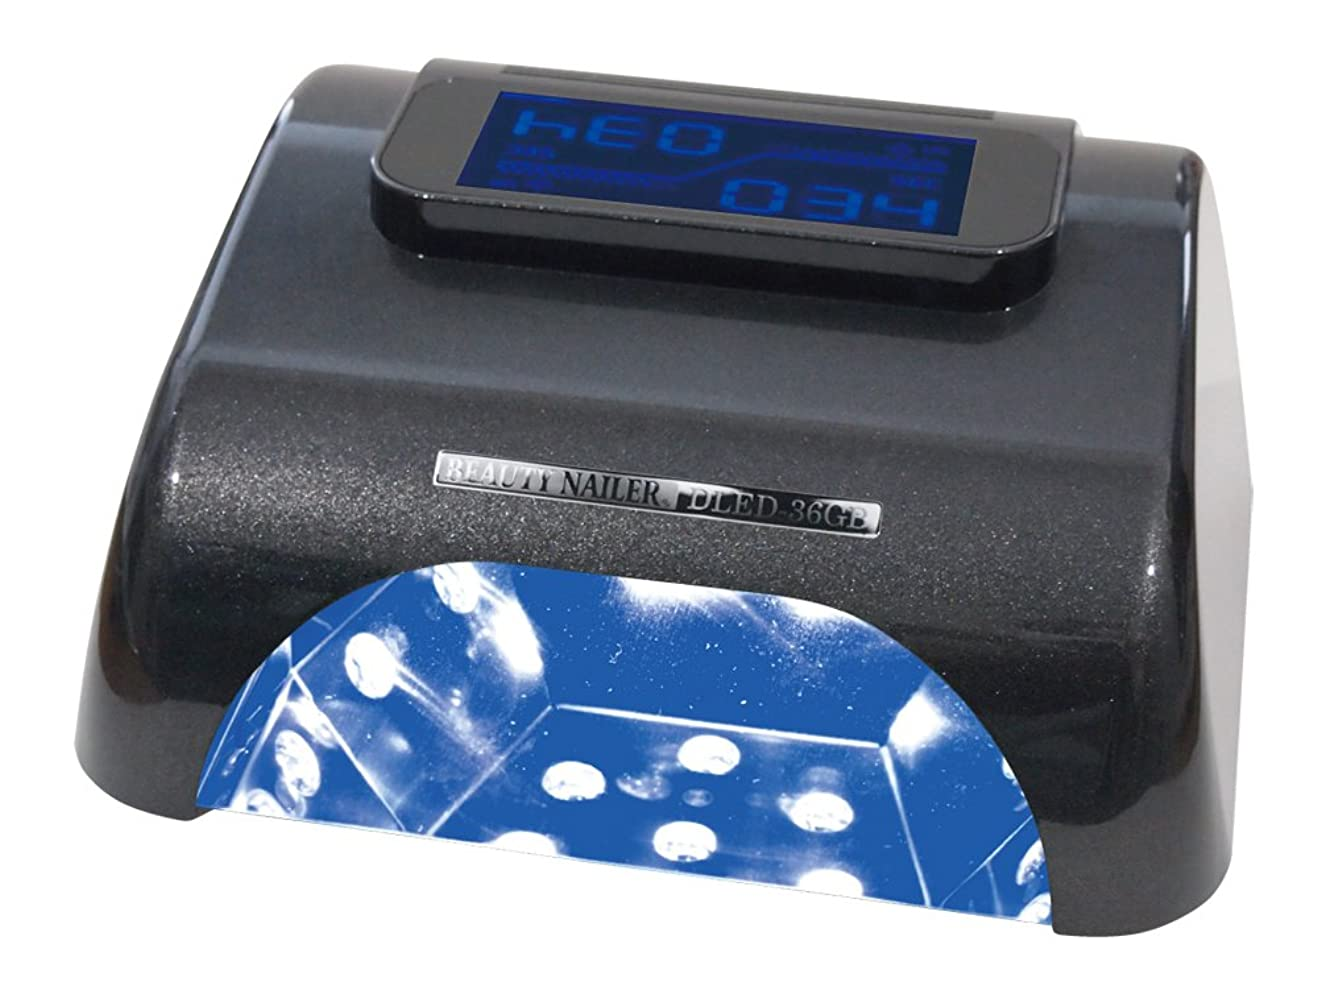 爆発物はしご無限大ビューティーネイラー デジタルLEDライト DLED-36GB パールブラック